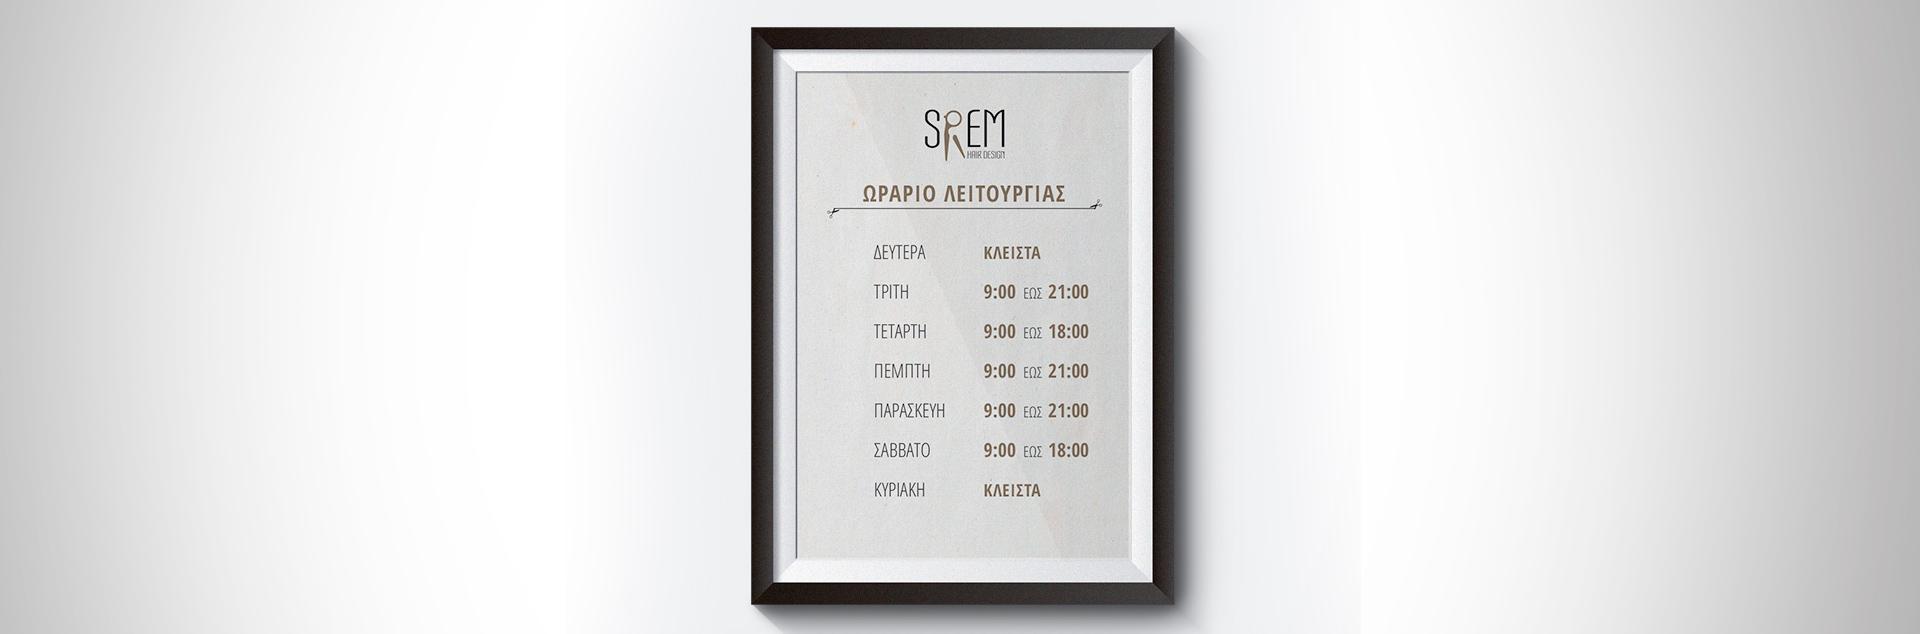 srem-timetable-slider